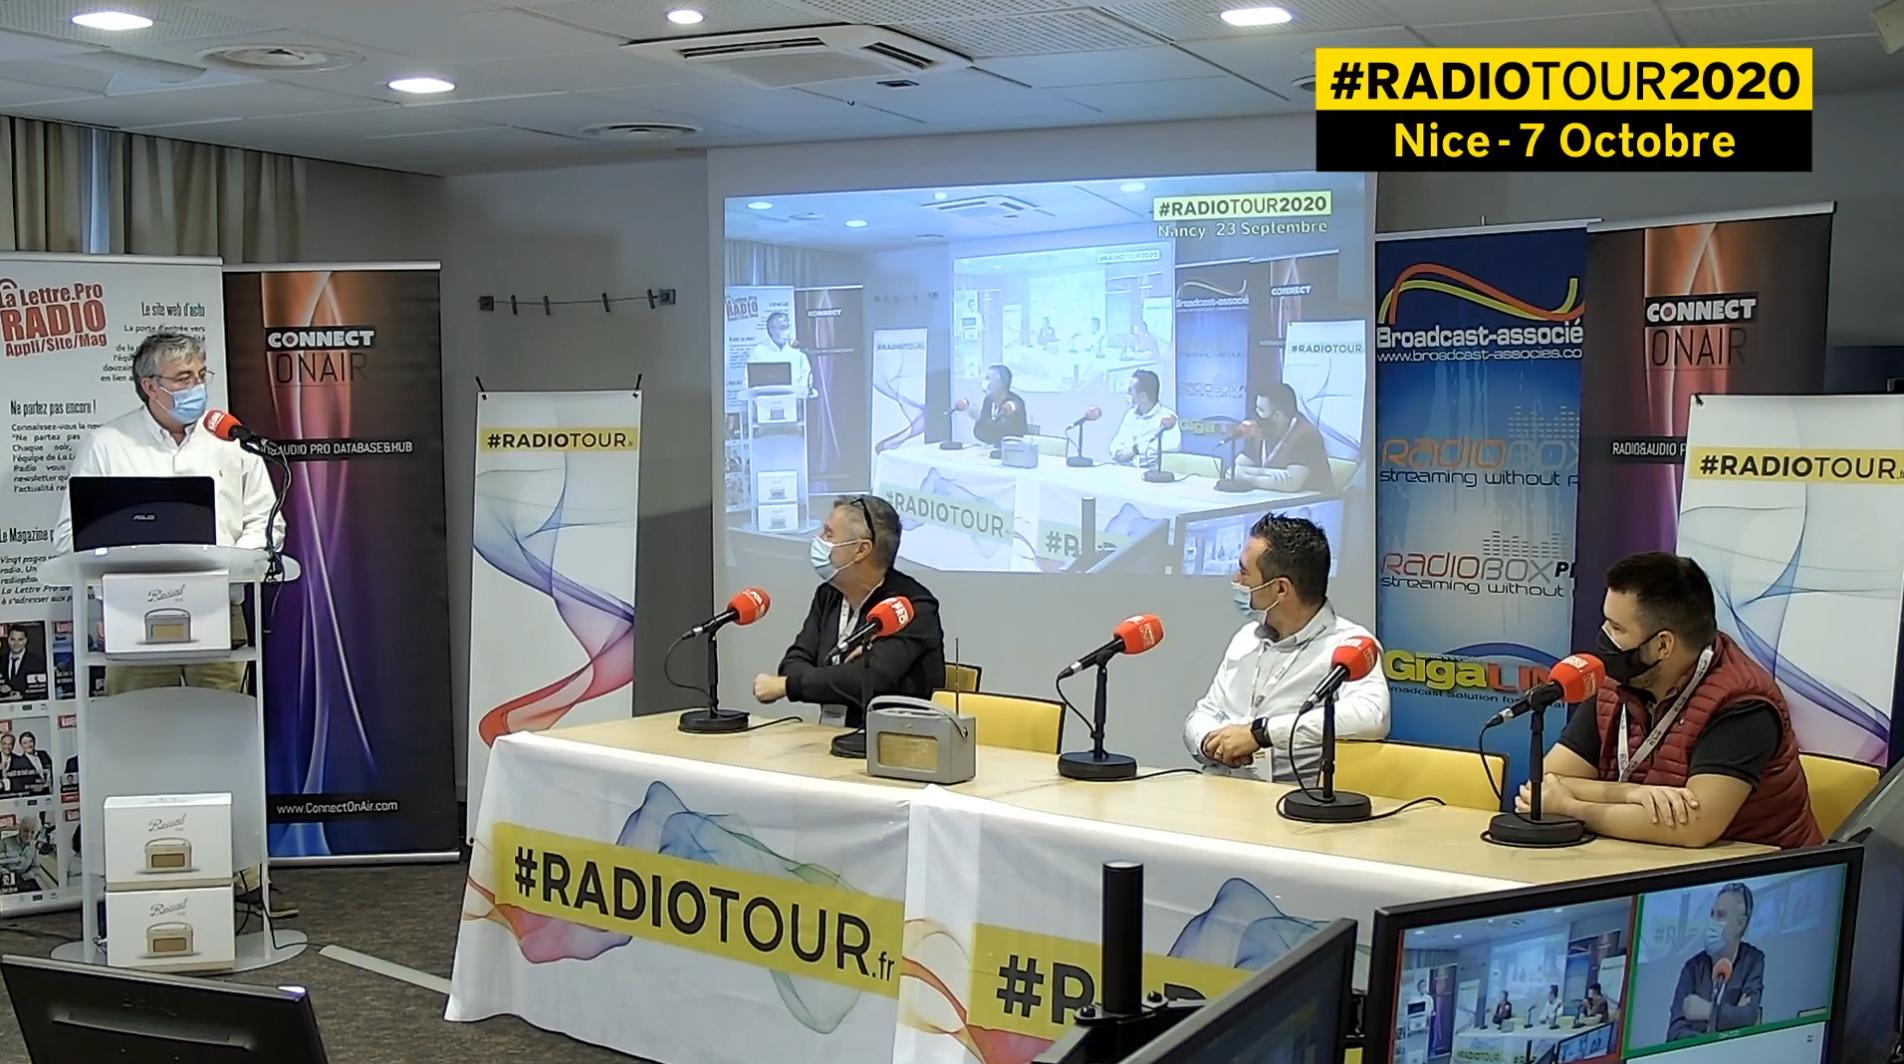 De gauche à droite : Olivier Cordier (Kiss FM), François Galatioto (Radio Emotion) et Benjamin Ducongé (Radio Monaco) réunis à Nice lors de la 3e étape du RadioTour